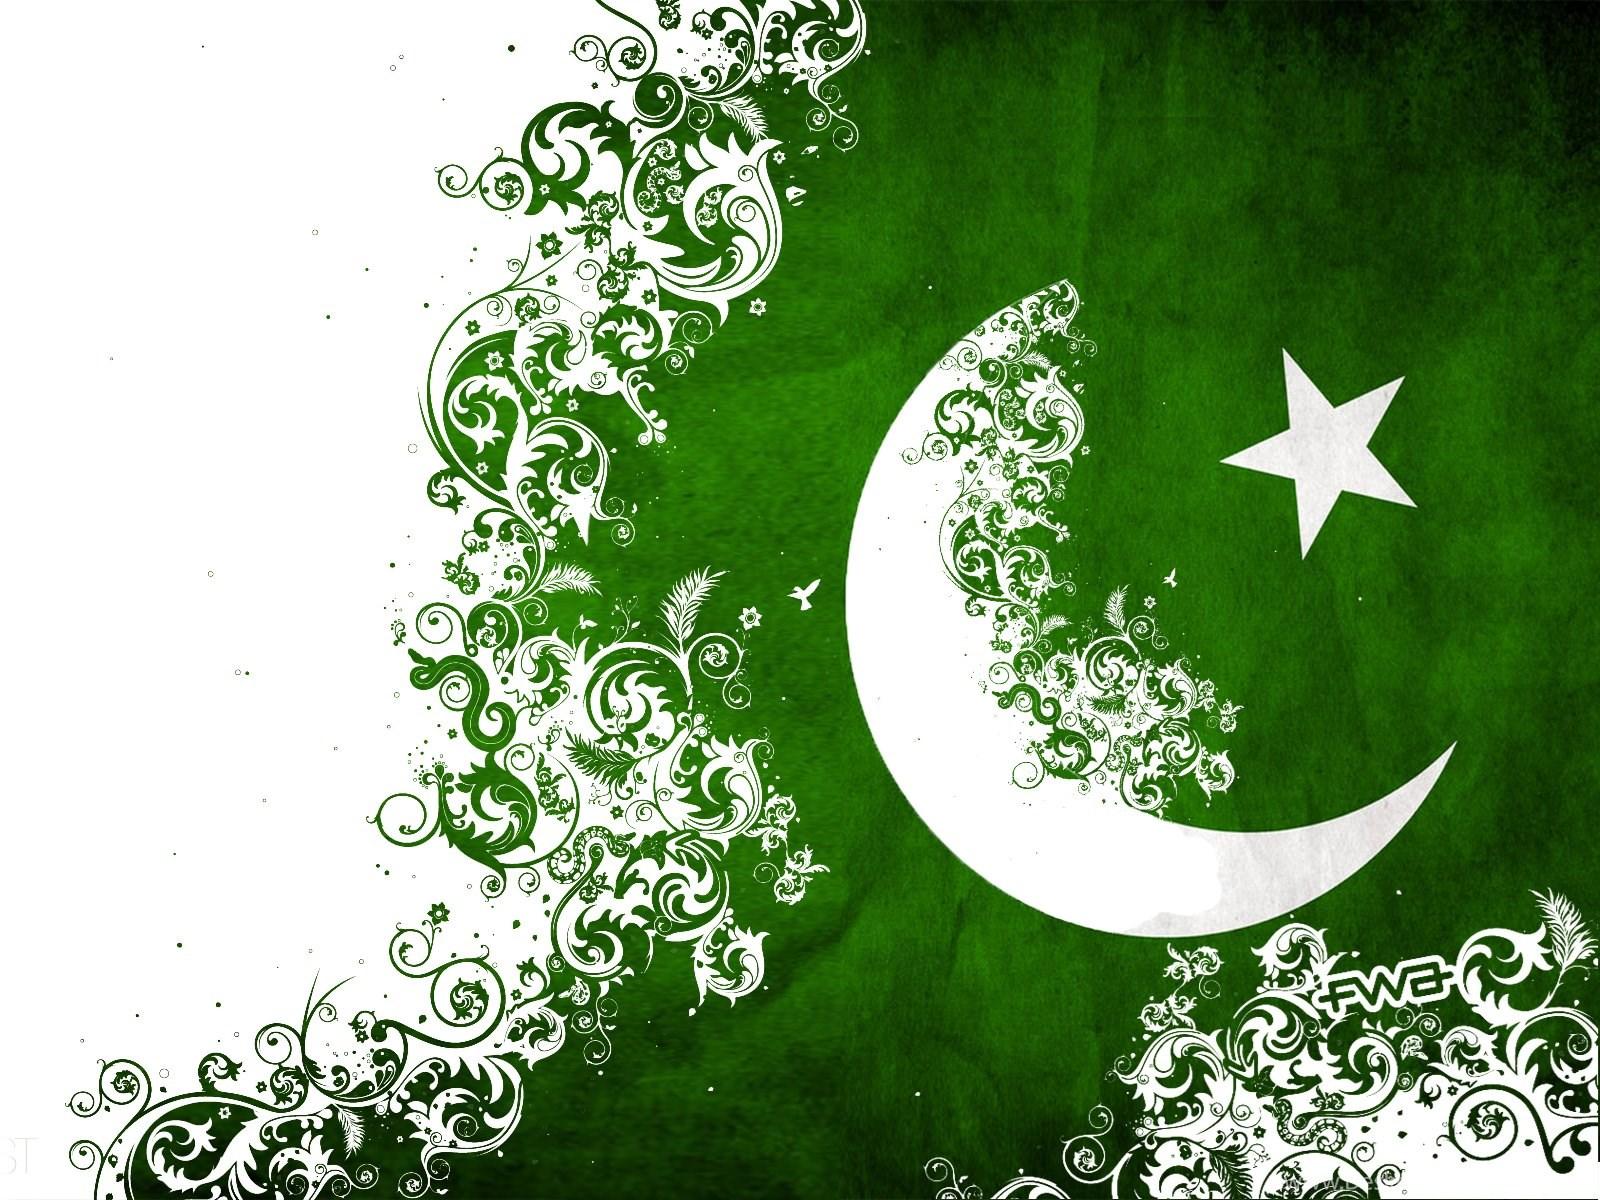 pakistan-cityvid-free